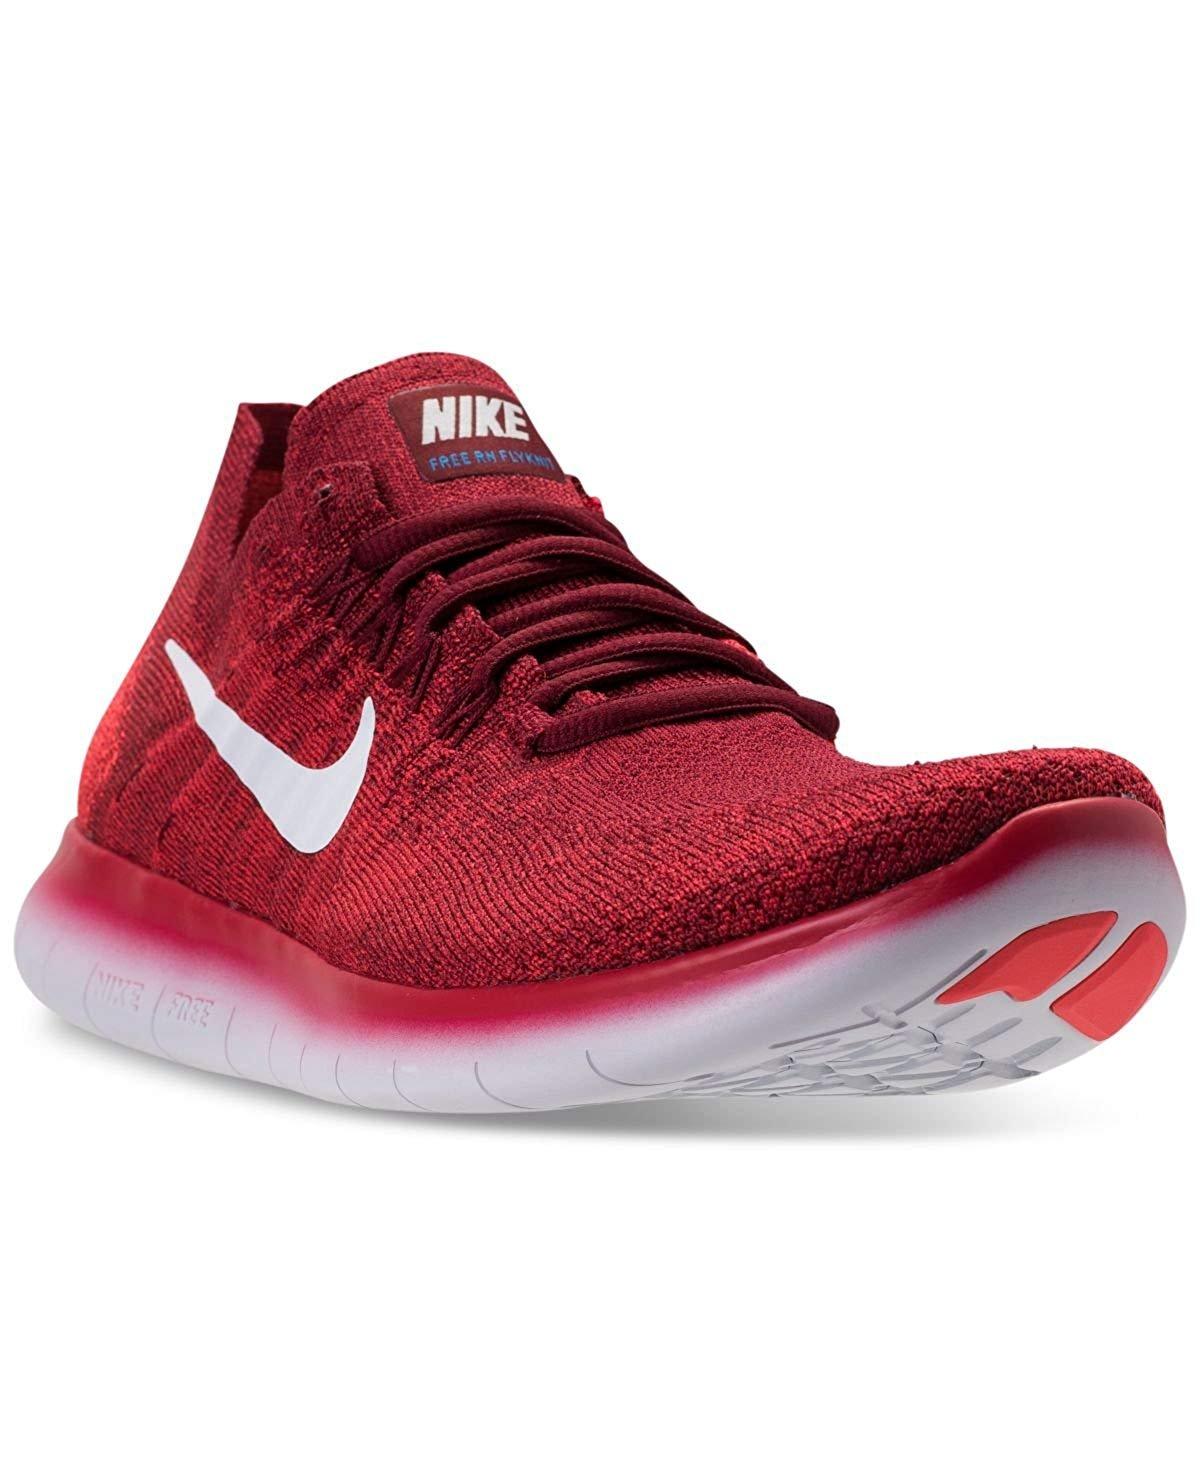 Nike free wettbewerb rn flyknit 2017, männer - wettbewerb free laufschuhe dc2088